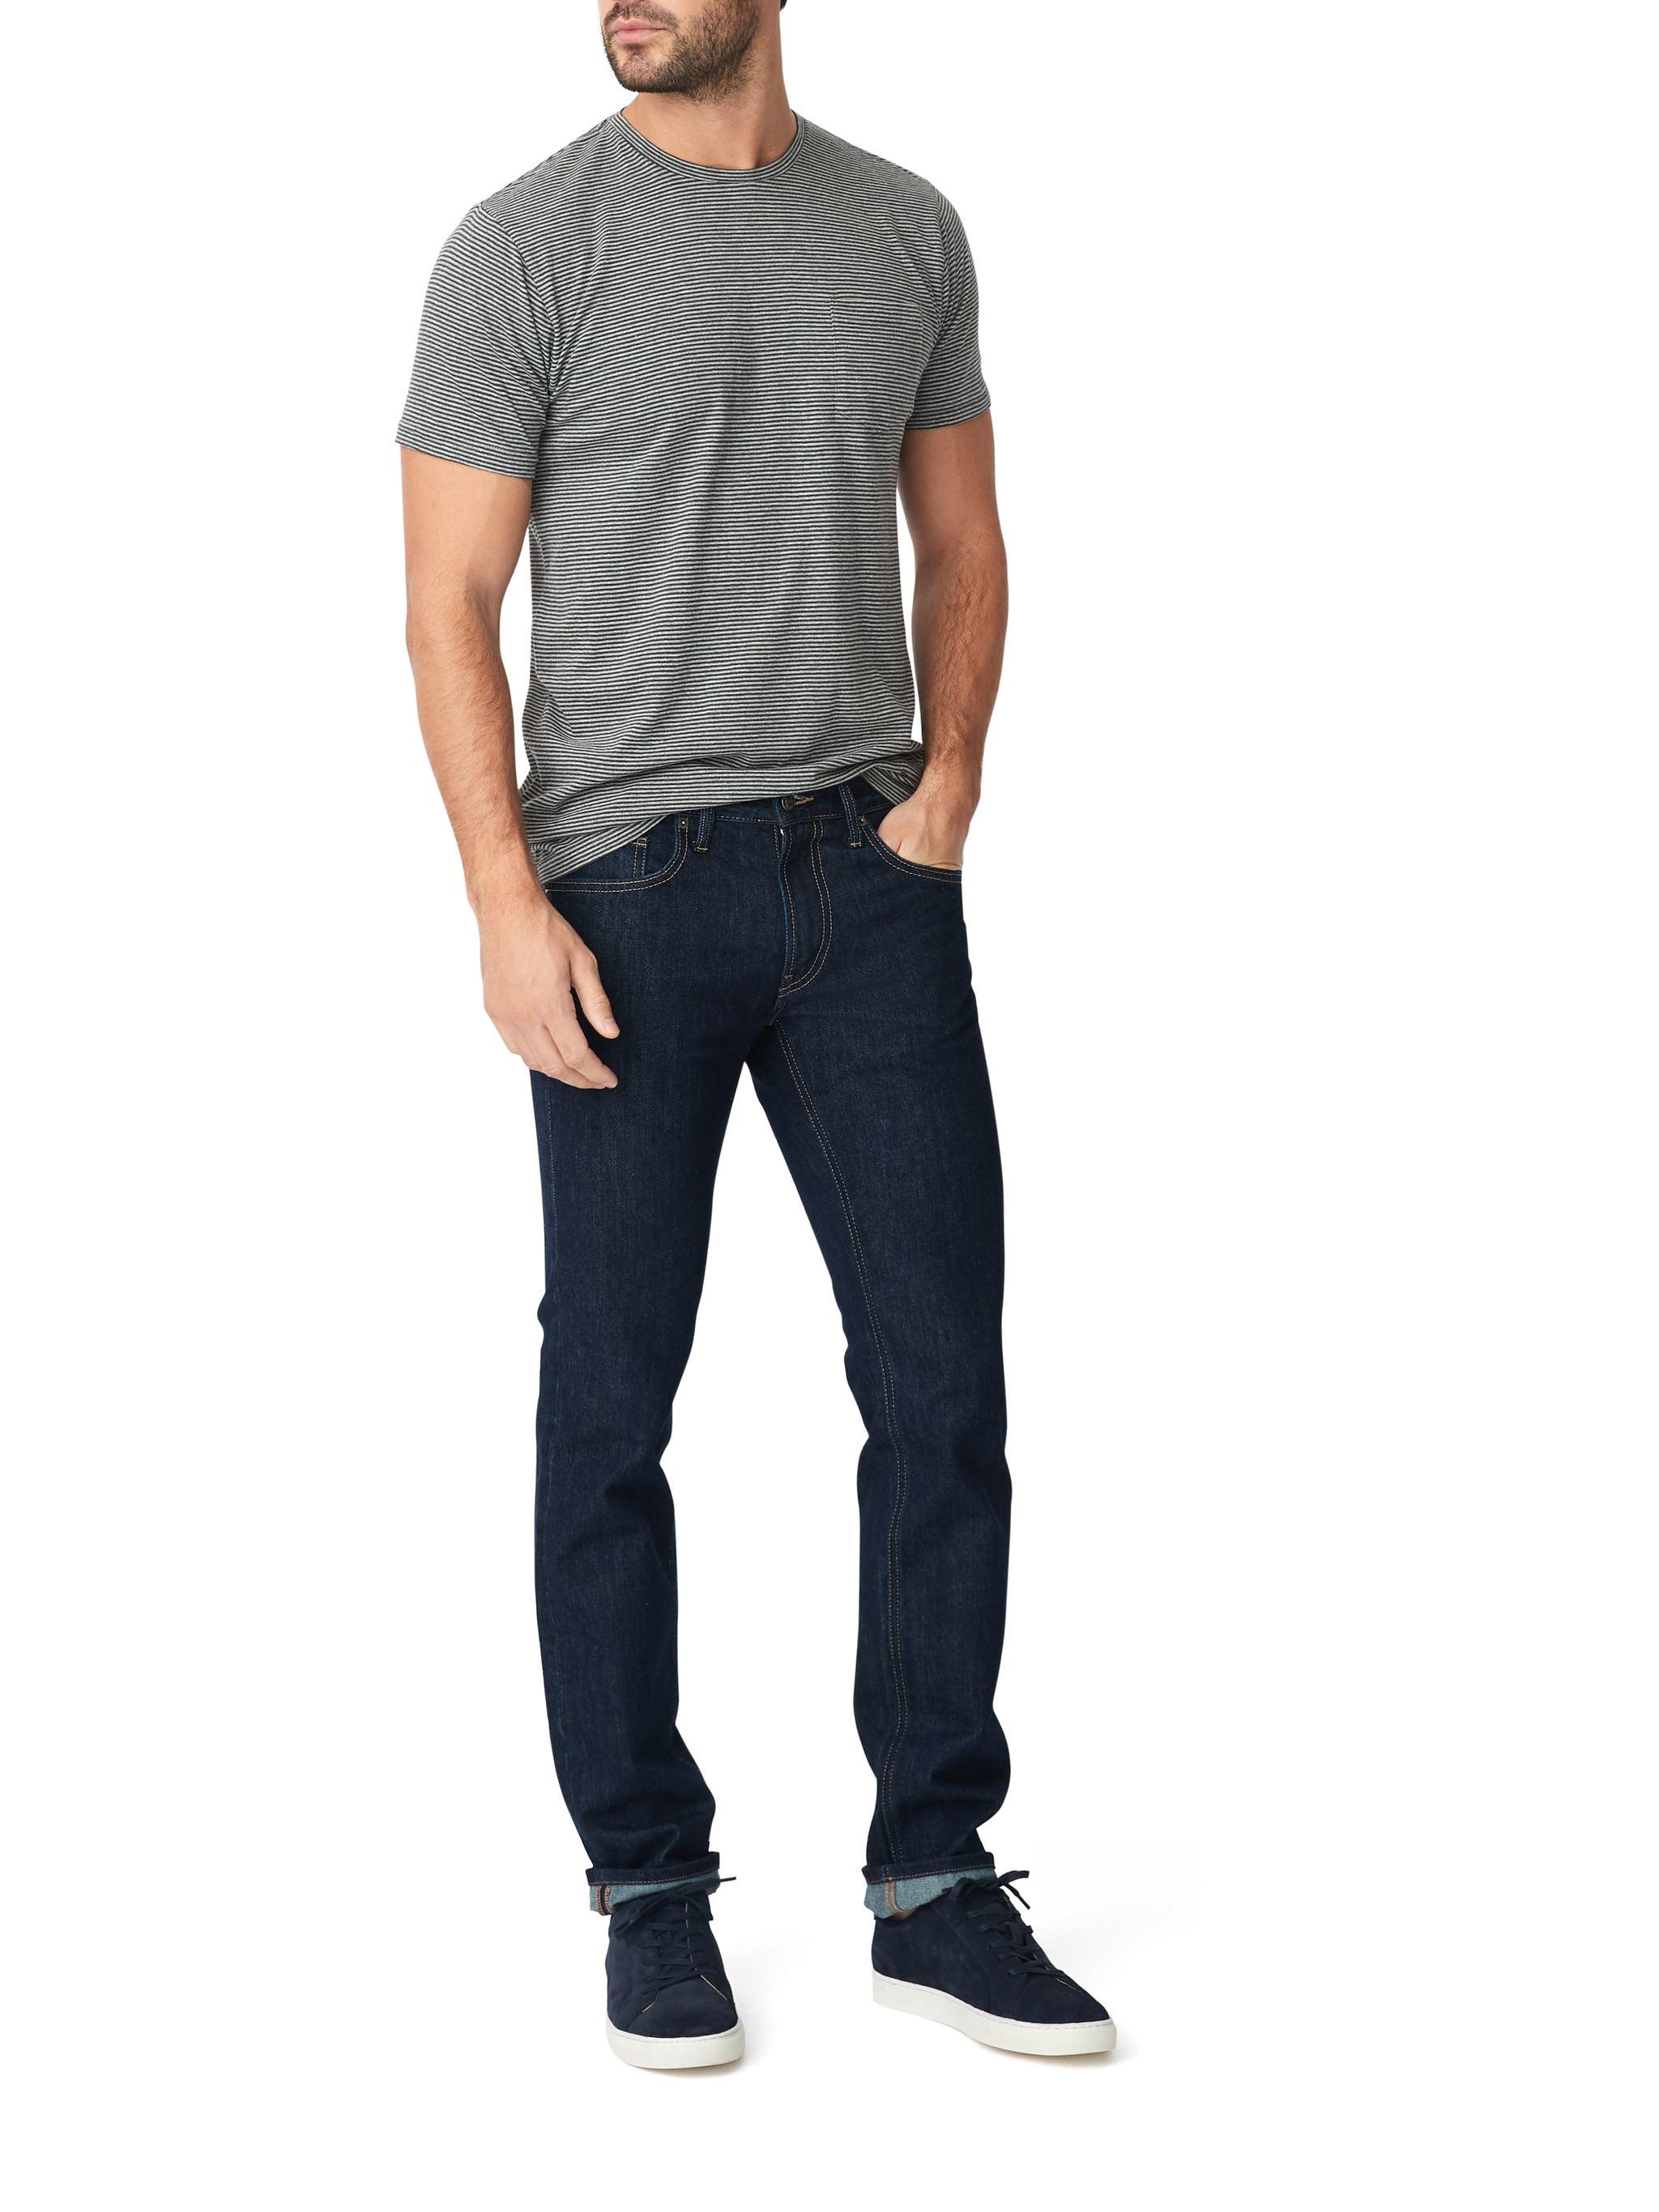 Jomers: White Oak Cone Denim (Men's Jeans) $34